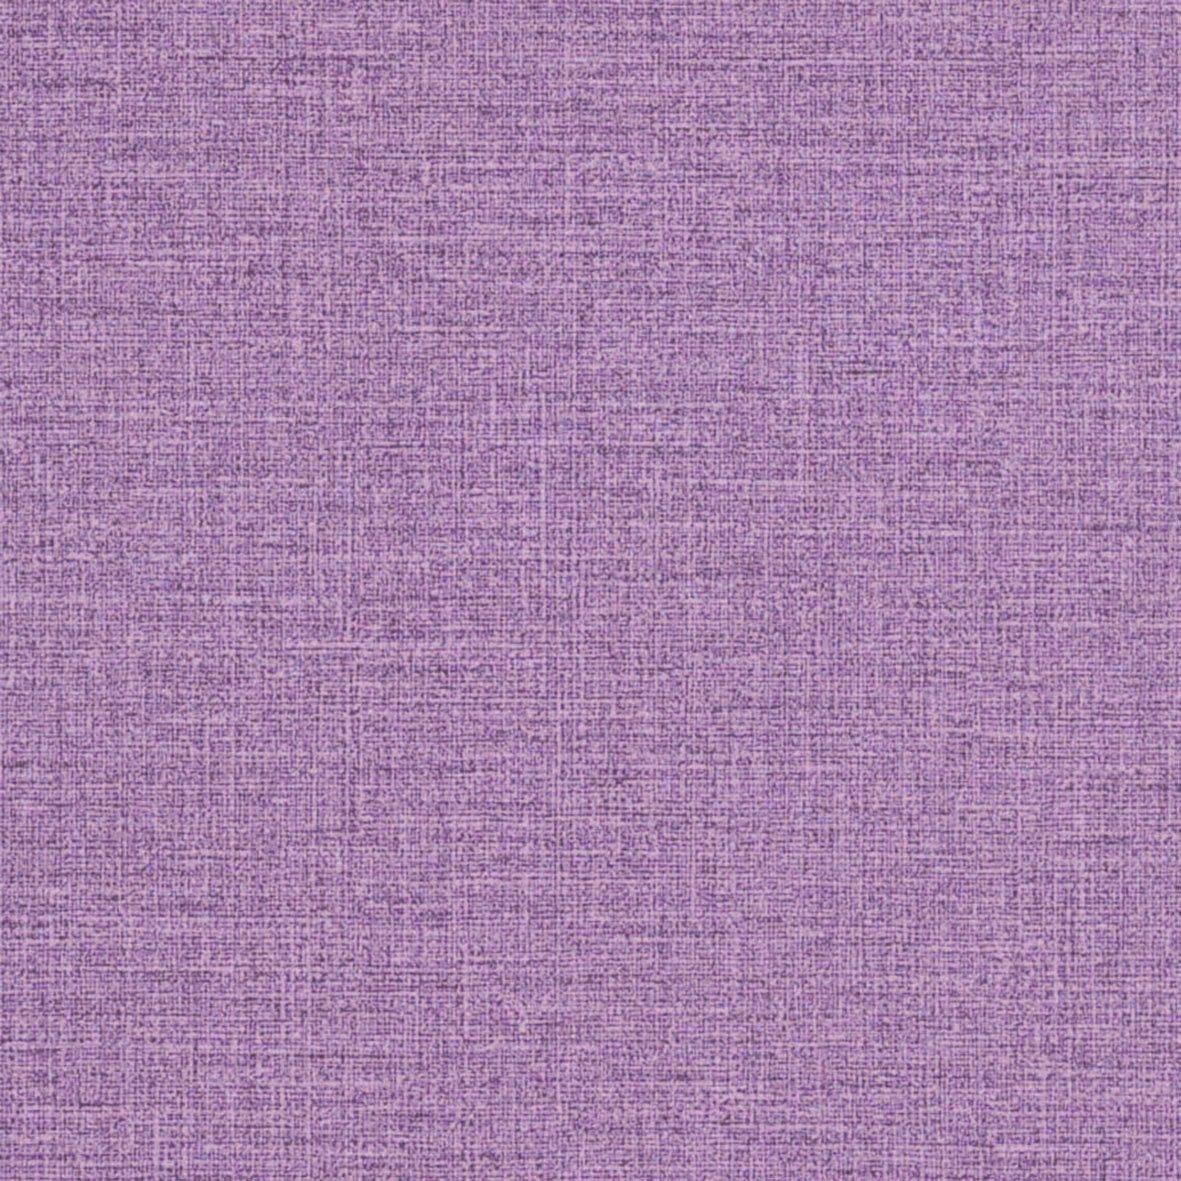 リリカラ 壁紙19m ナチュラル 織物調 ブラウン LL-8388 B01N3SWO23 19m|ブラウン